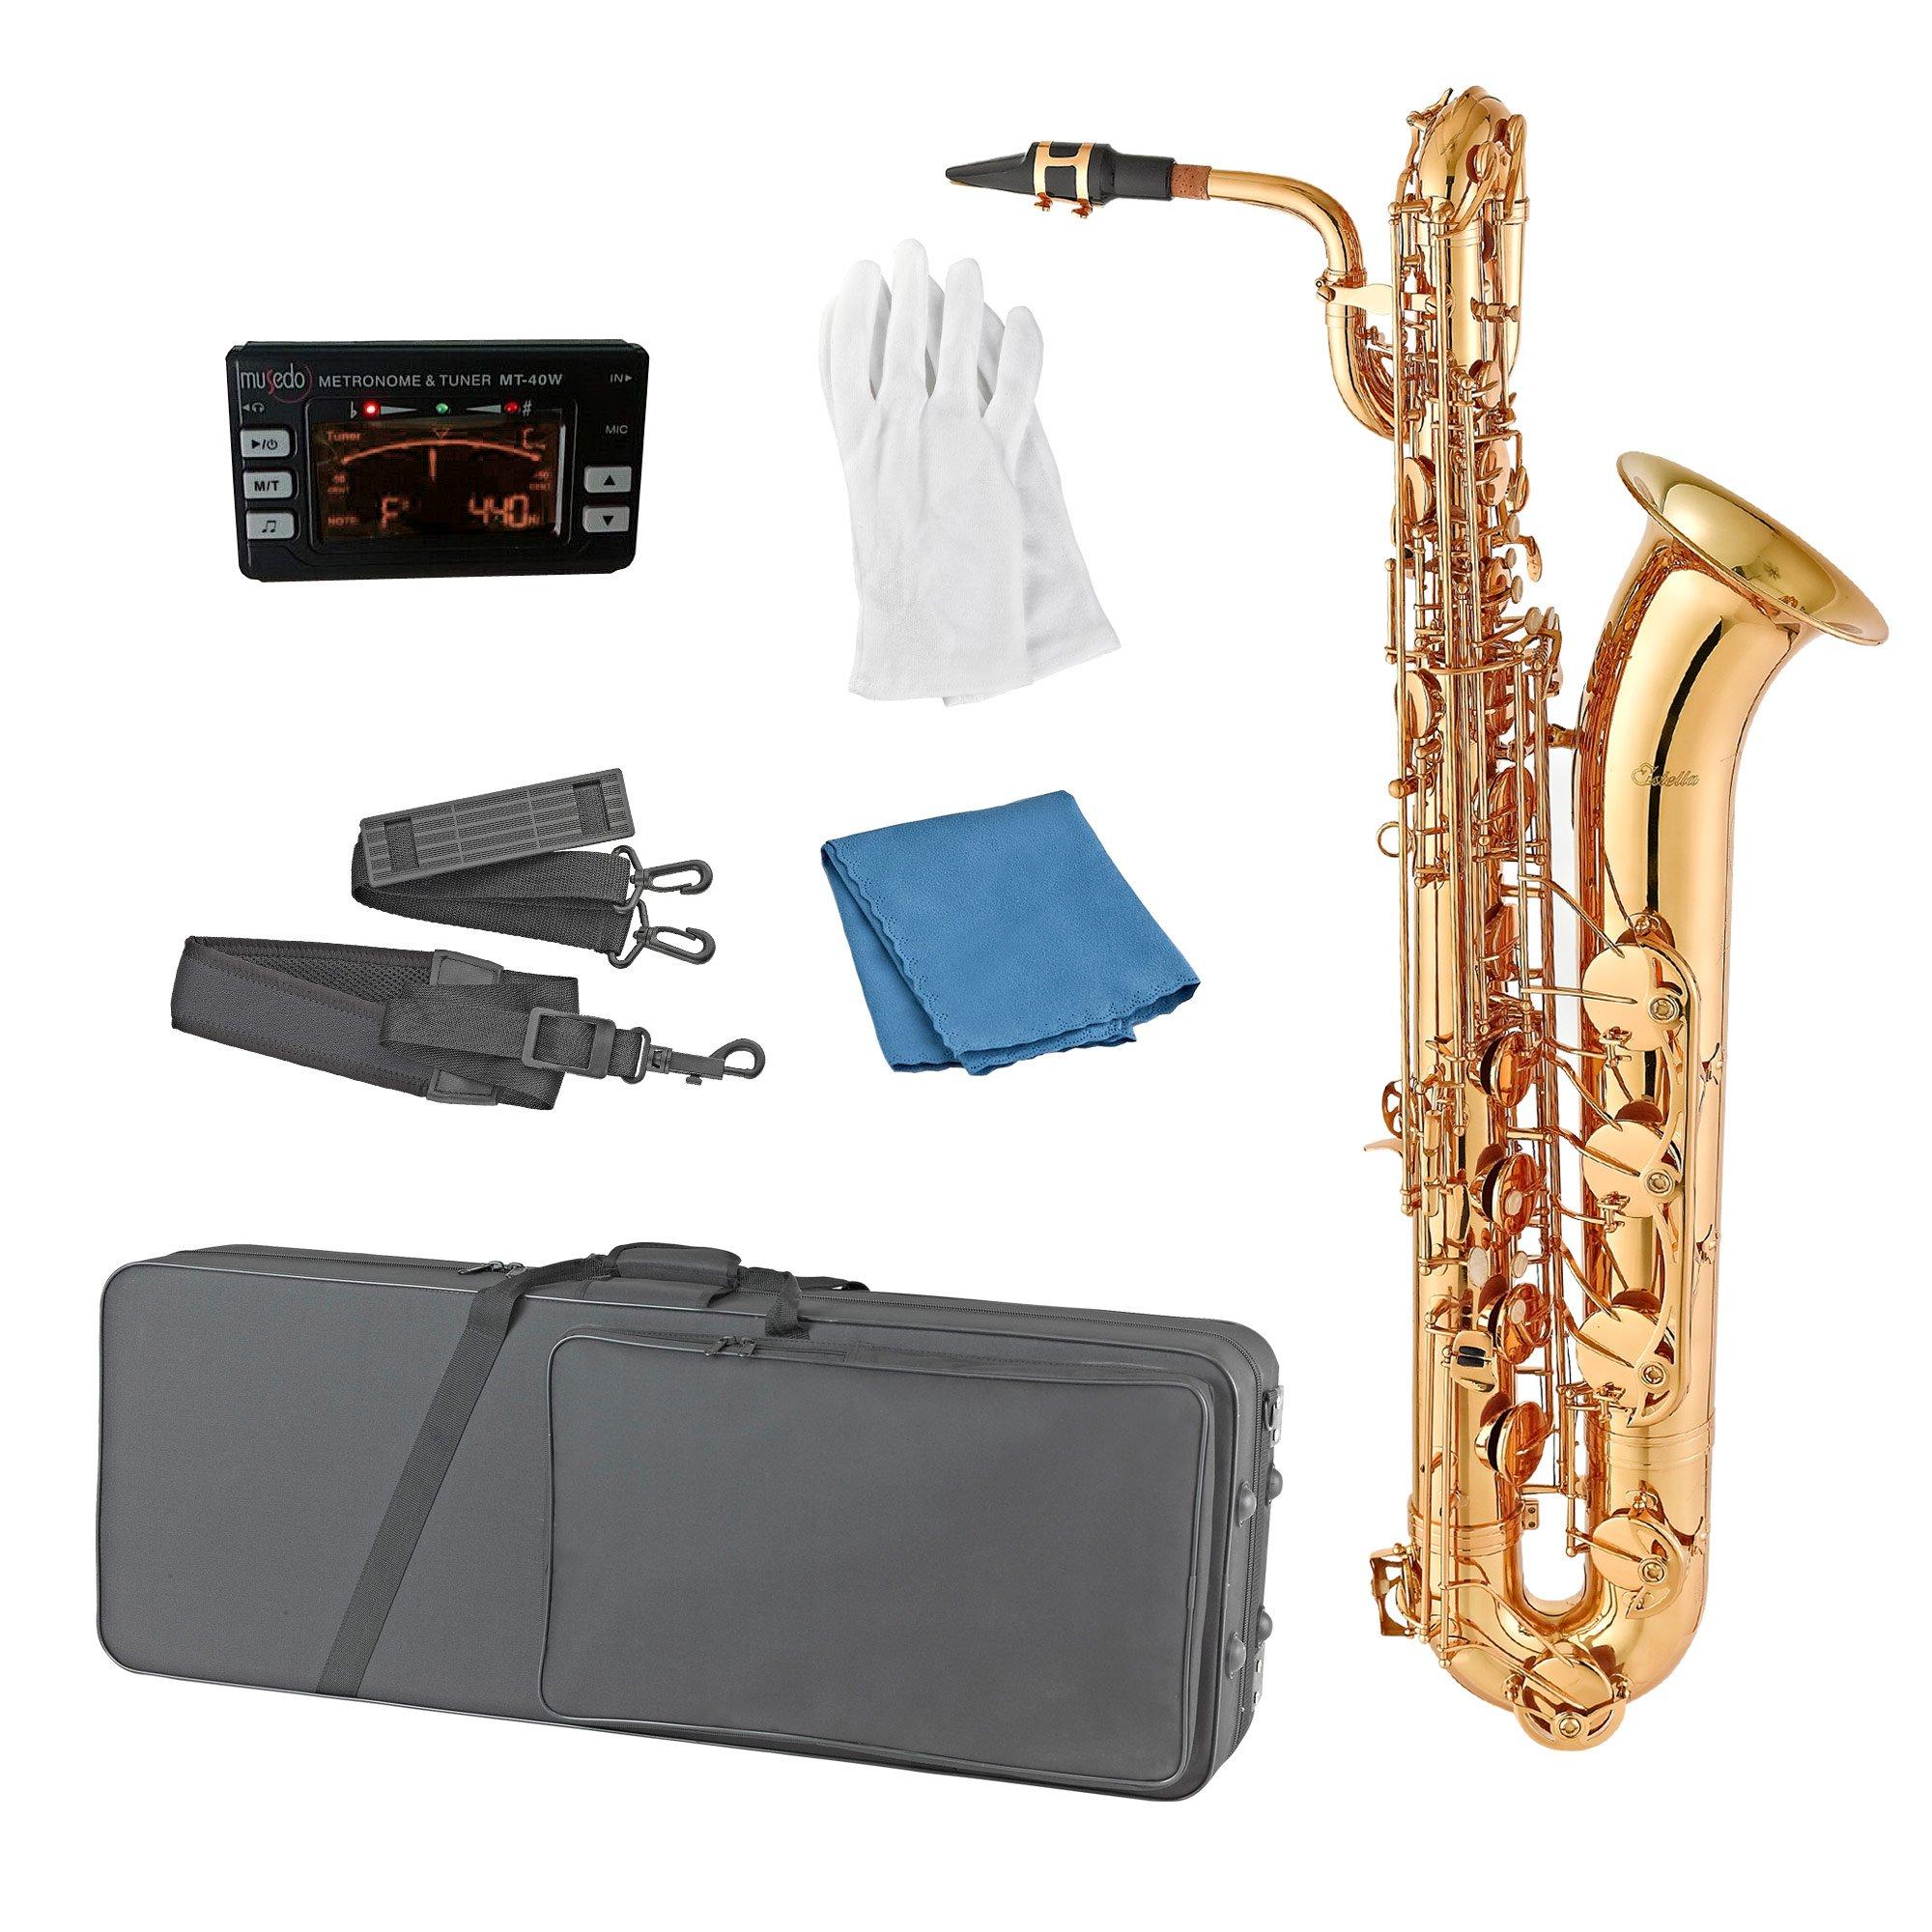 Estella BS200 Lacquer E Flat Baritone Saxophone by Estella